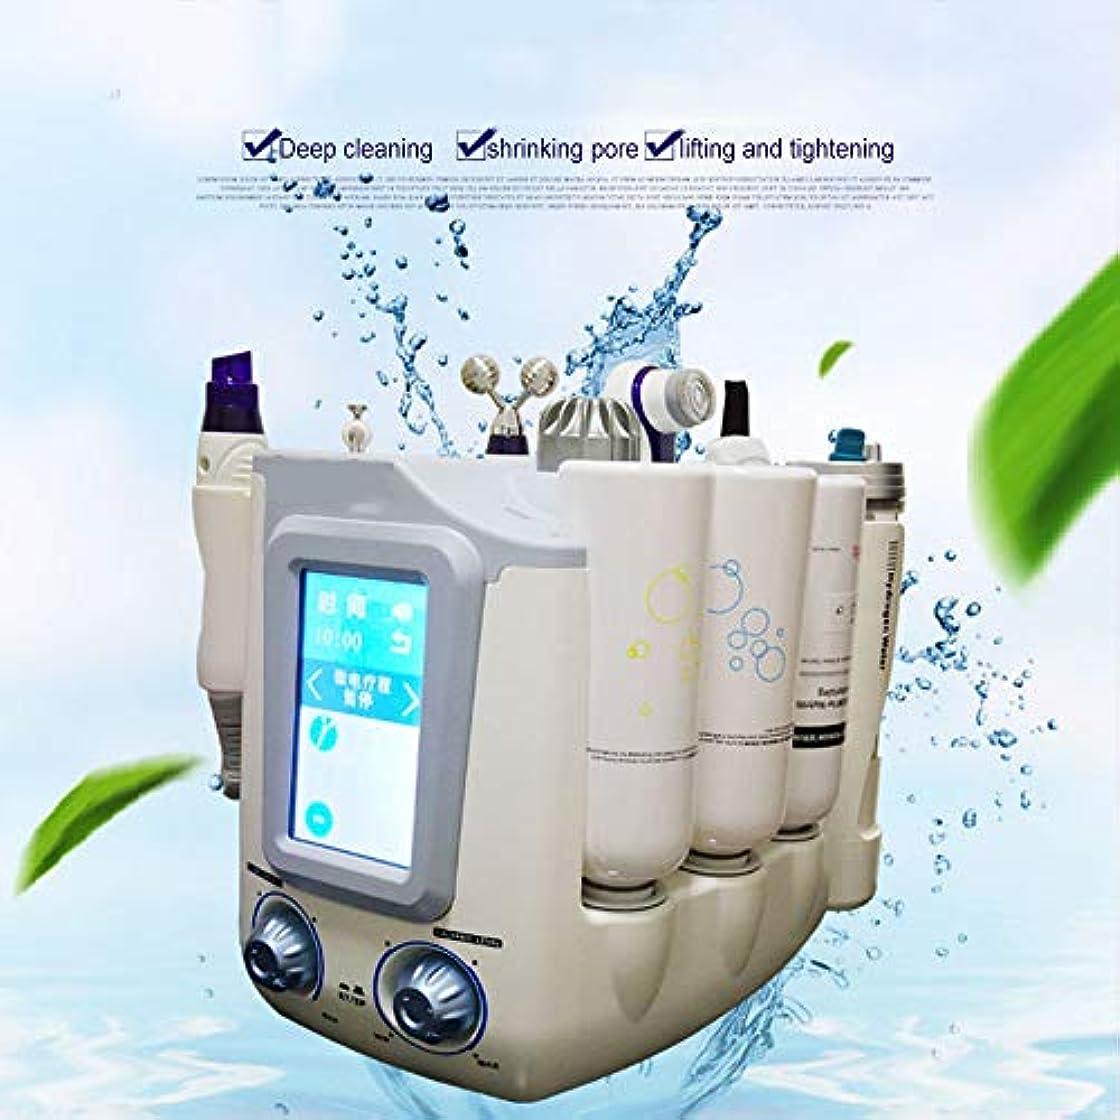 ボット投資する所持顔の美のスキンケア、水素の酸素の小さい泡Hydrofacial 6 1の多機能のスキンクリーナー、顔のクリーニングのにきびの若返りの美機械